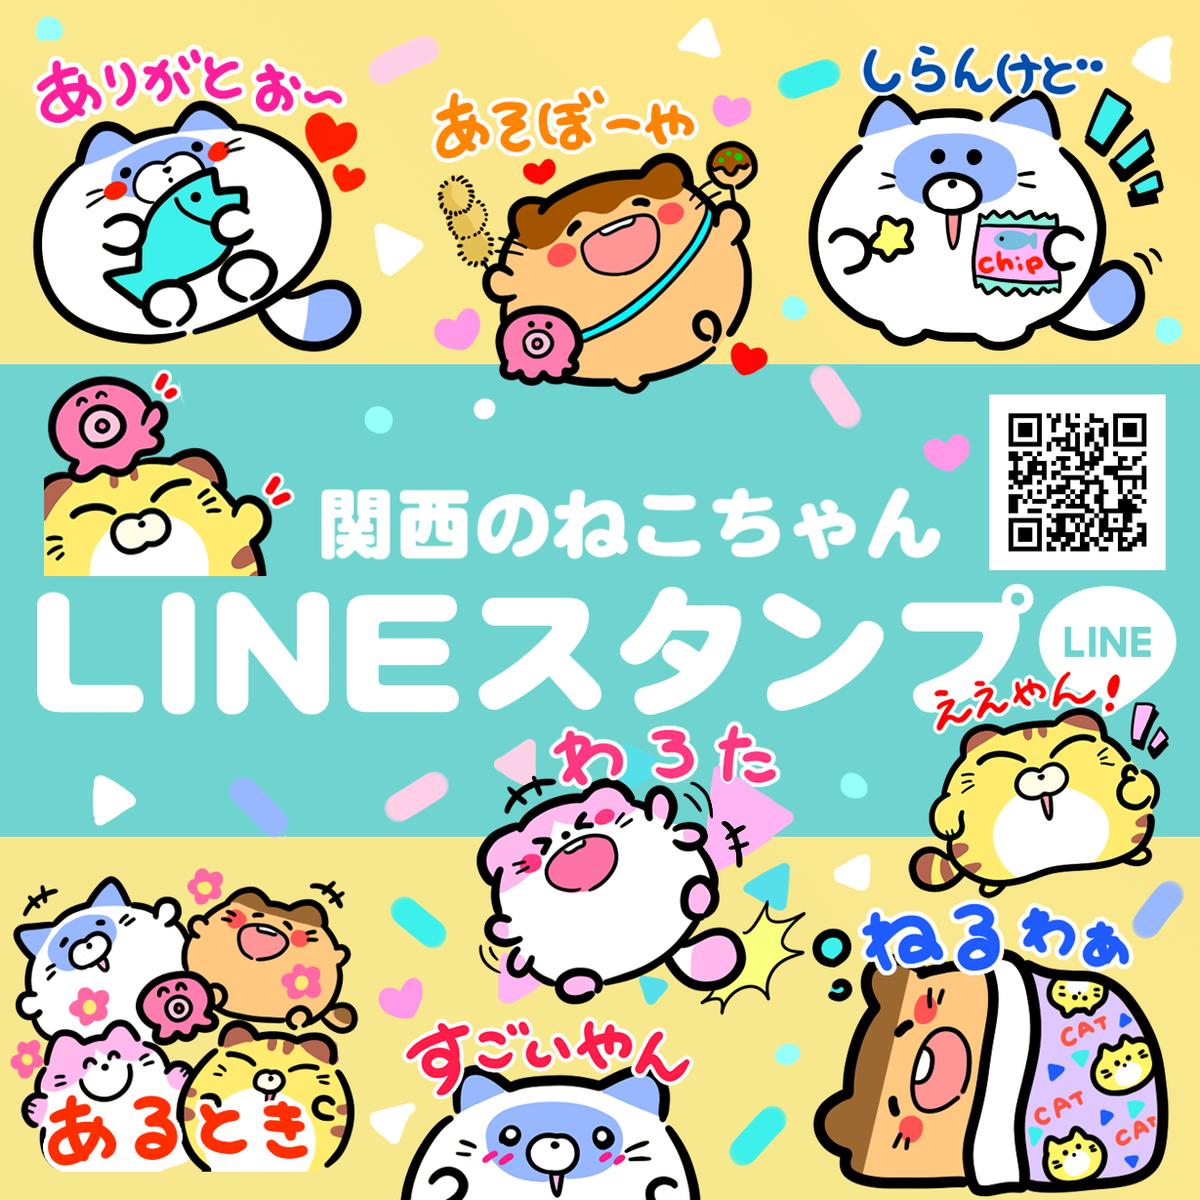 f:id:chikuwaemil:20200714110437p:plain